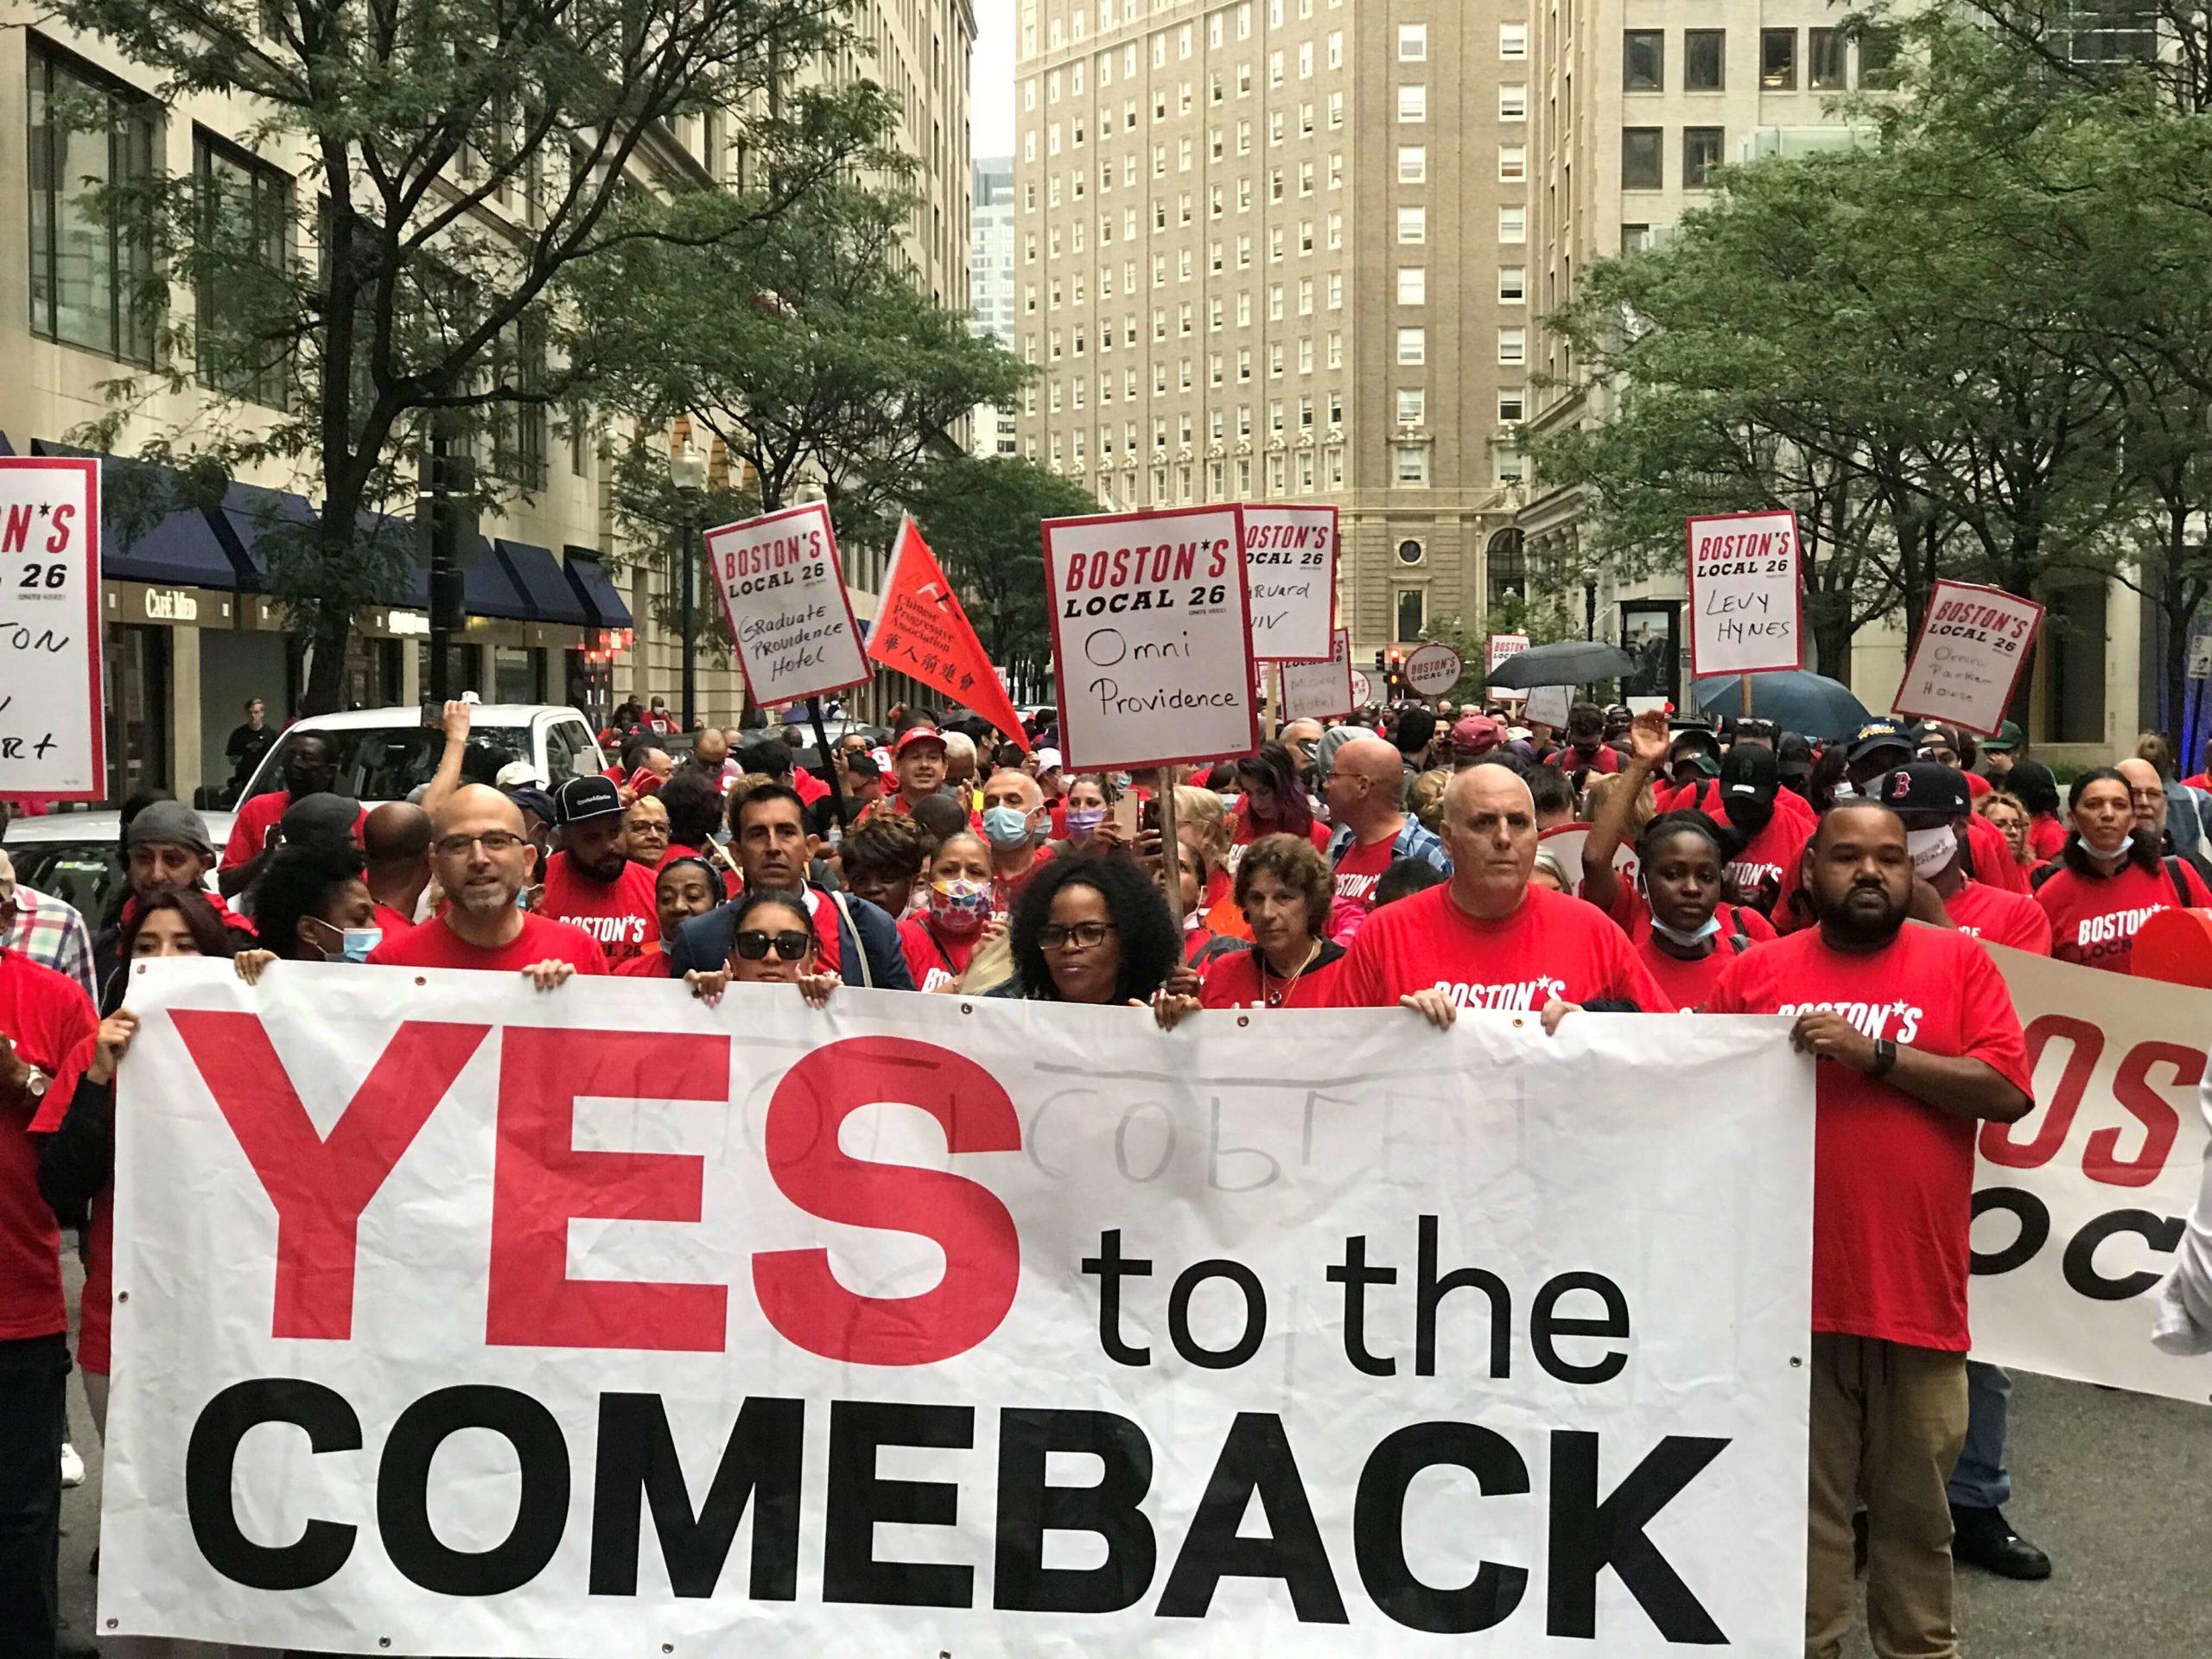 近千名波士顿酒店工人游行集会要求重返工作岗位 市长珍妮议员费连出席表示将对工人一直支持到底